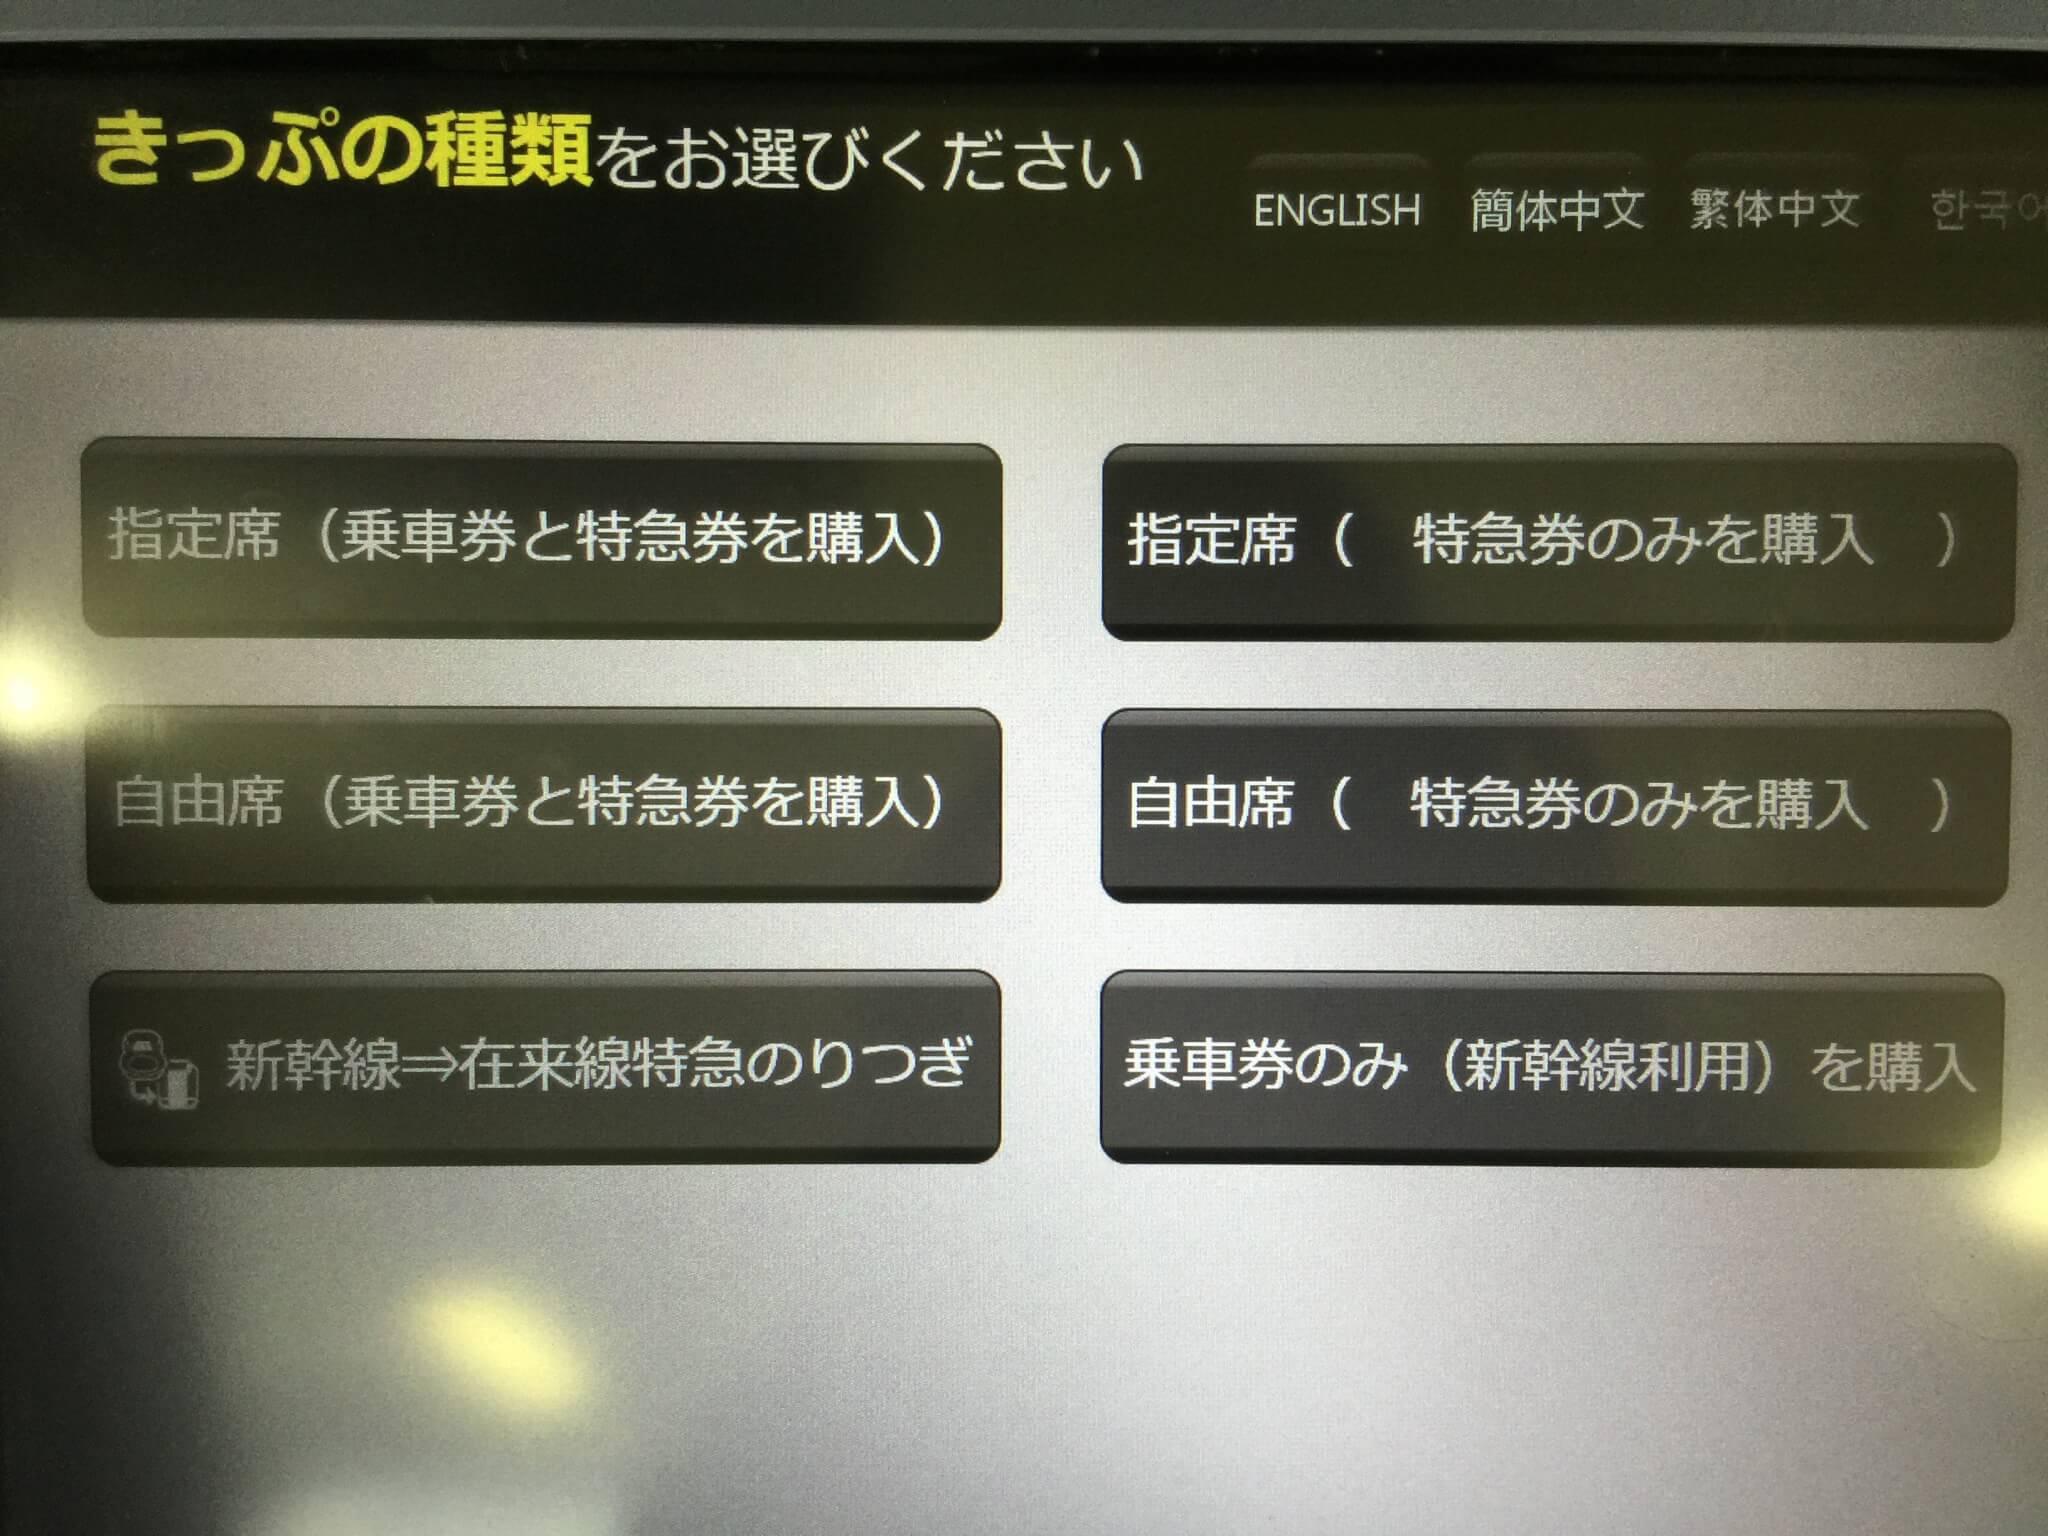 新幹線の窓口を機械で購入するときの画面